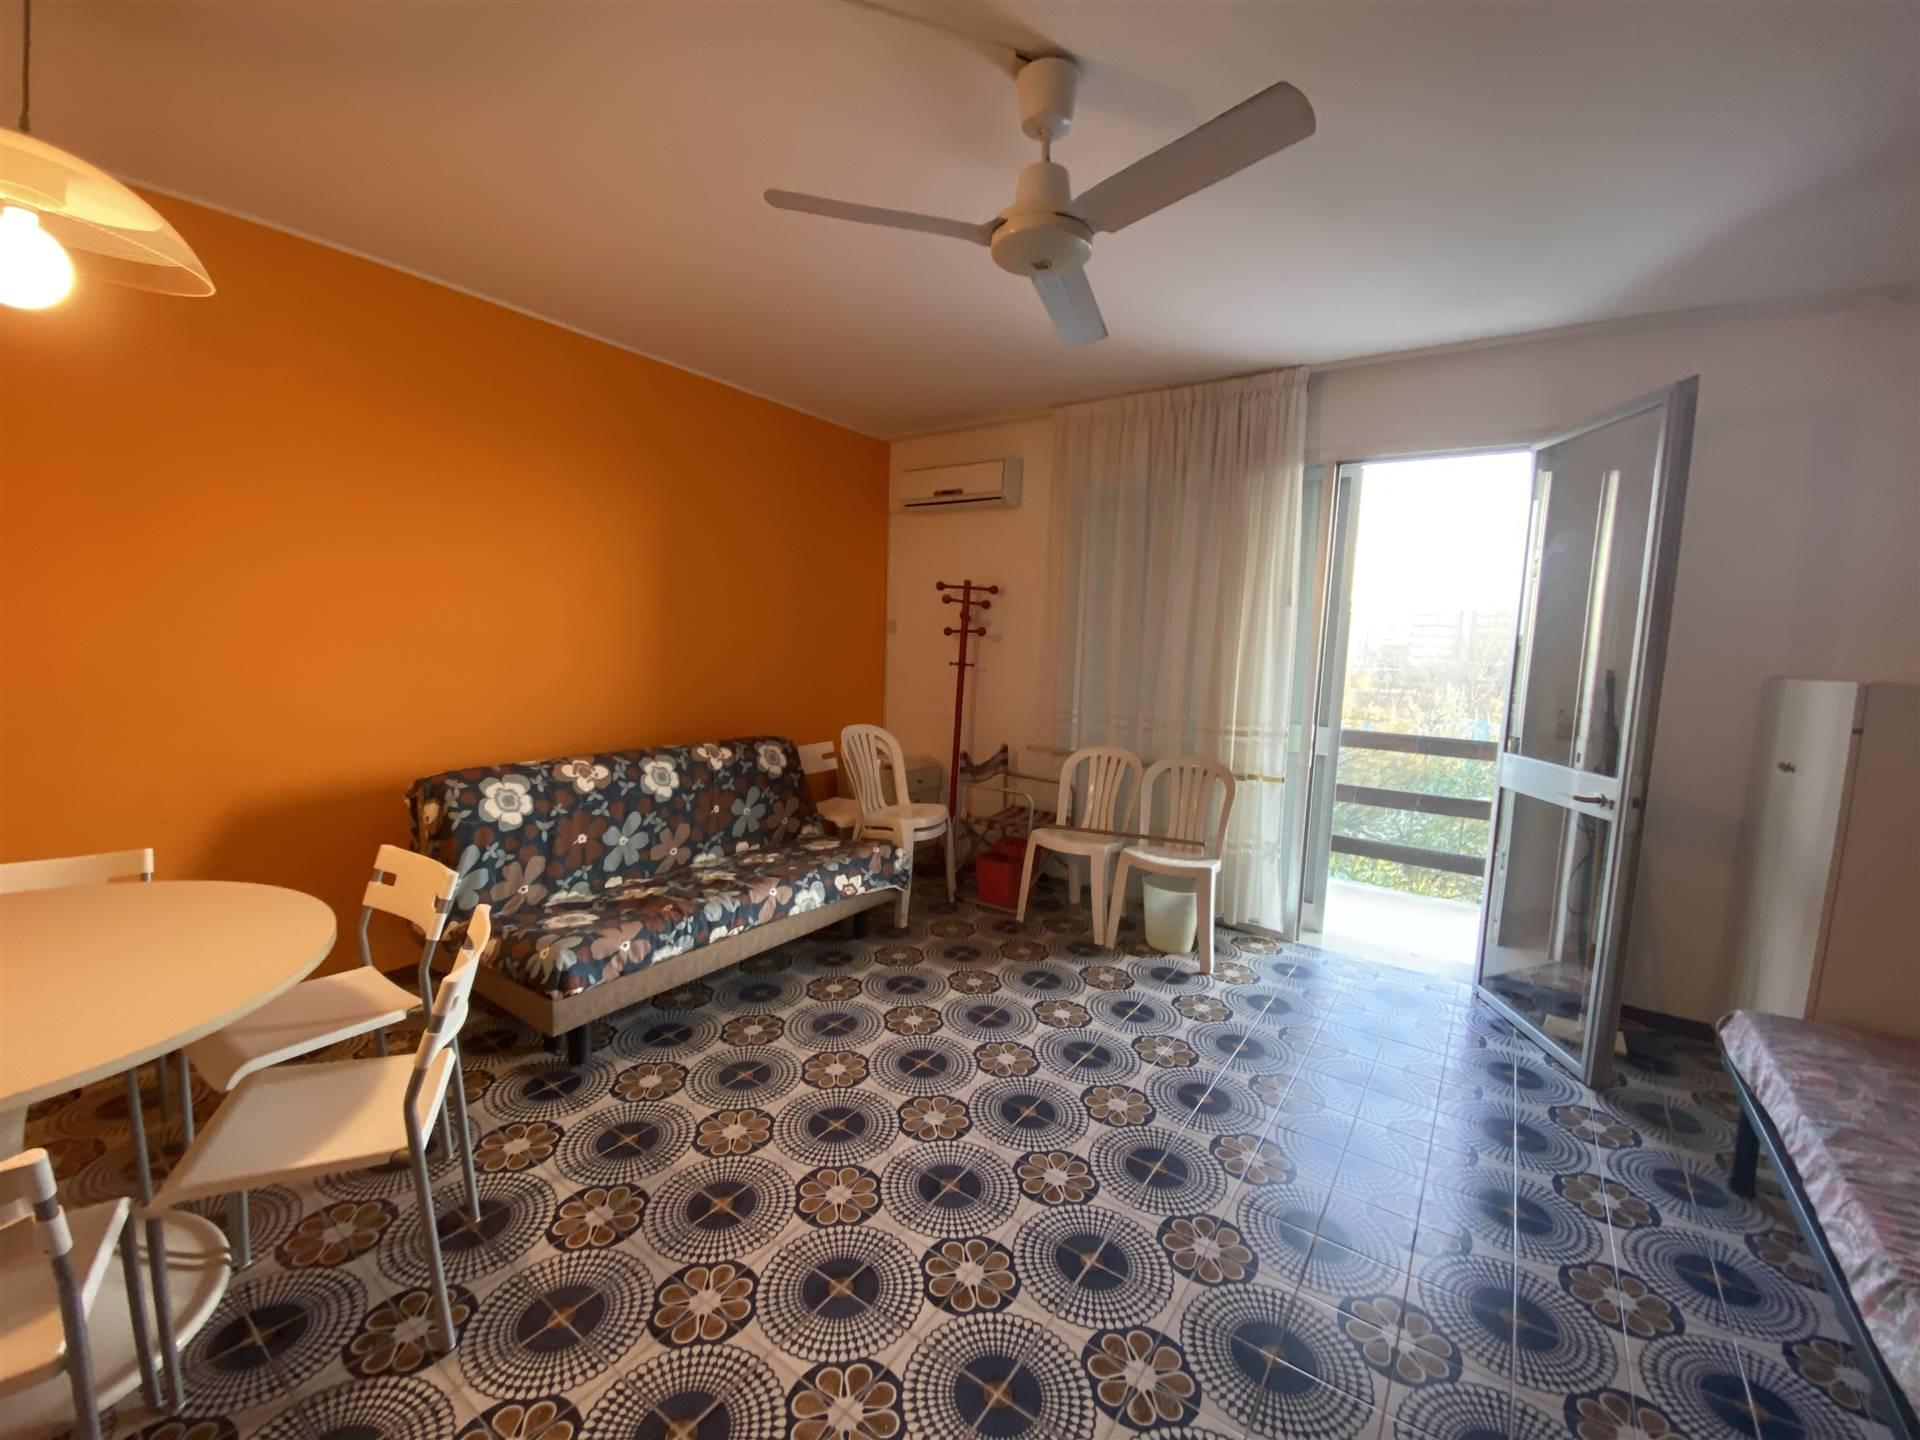 Rif. B254 ISOLA VERDE: Vendesi appartamento immerso nel verde di un residence ad Isola Verde, con piscina ed accesso diretto alla spiaggia.